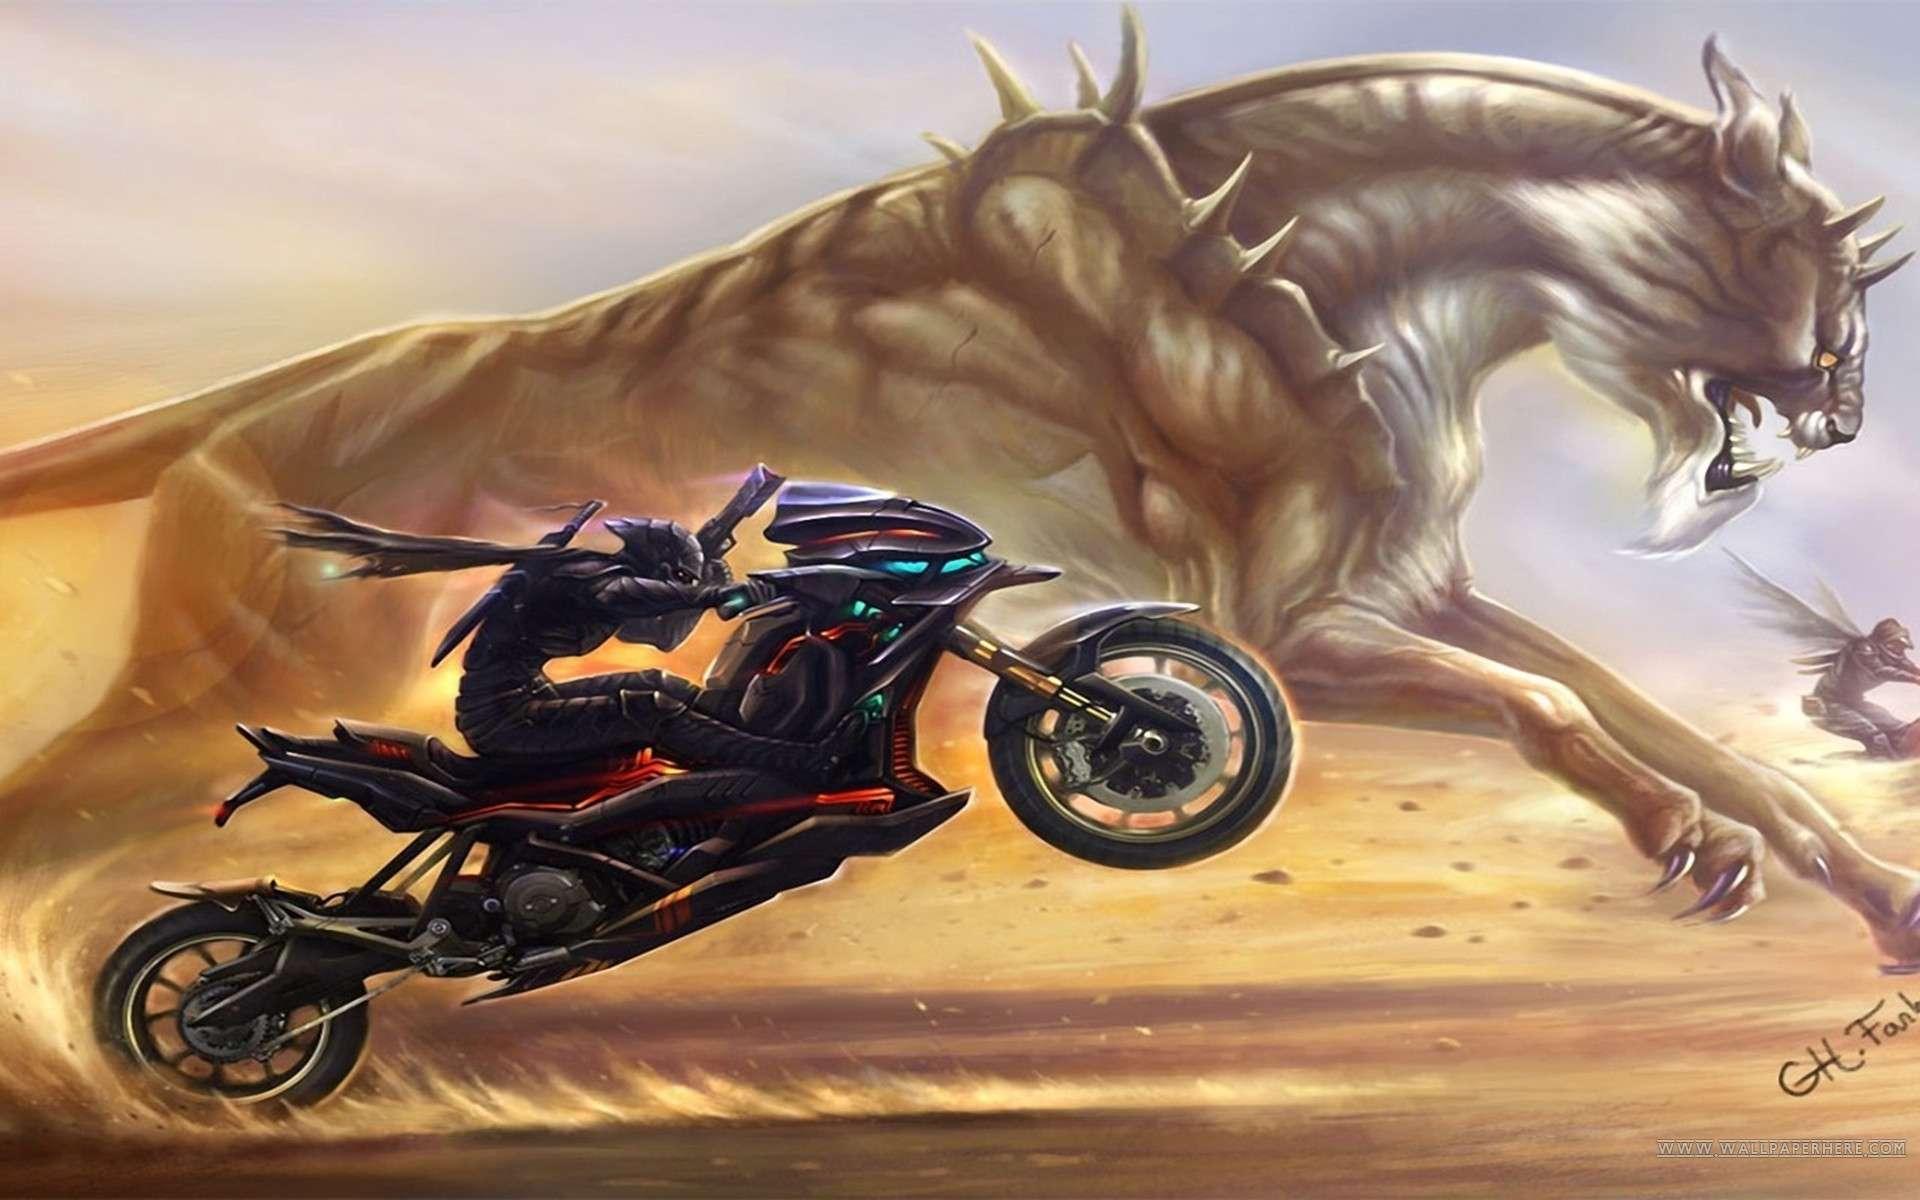 cool motorcycle desktop wallpaper wallpapersjpg 1920x1200